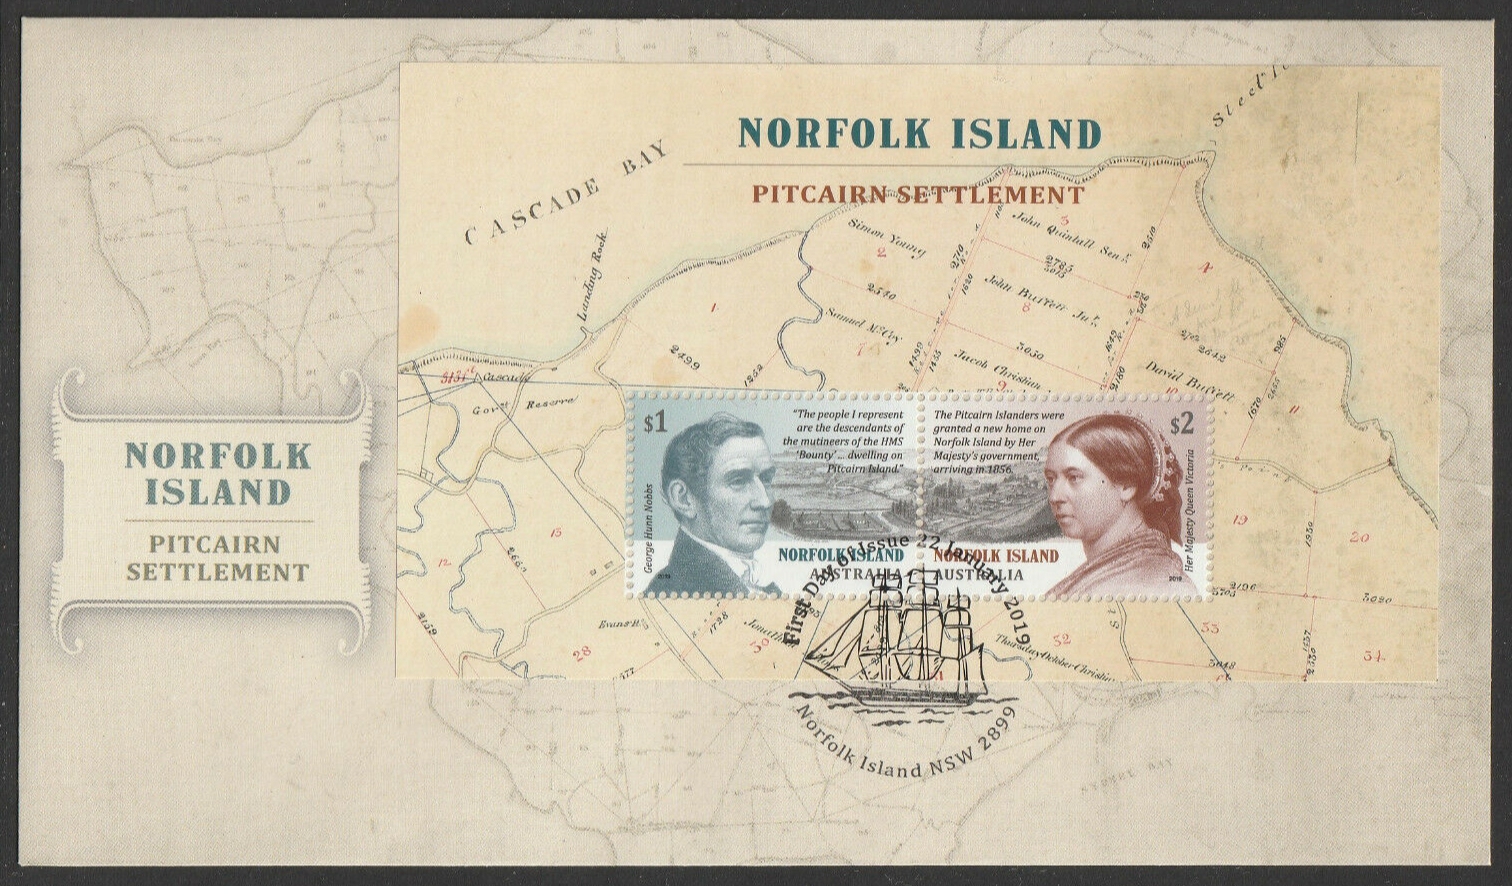 Norfolk Island - Pitcairn Settlement (January 22, 2019) souvenir sheet first day cover